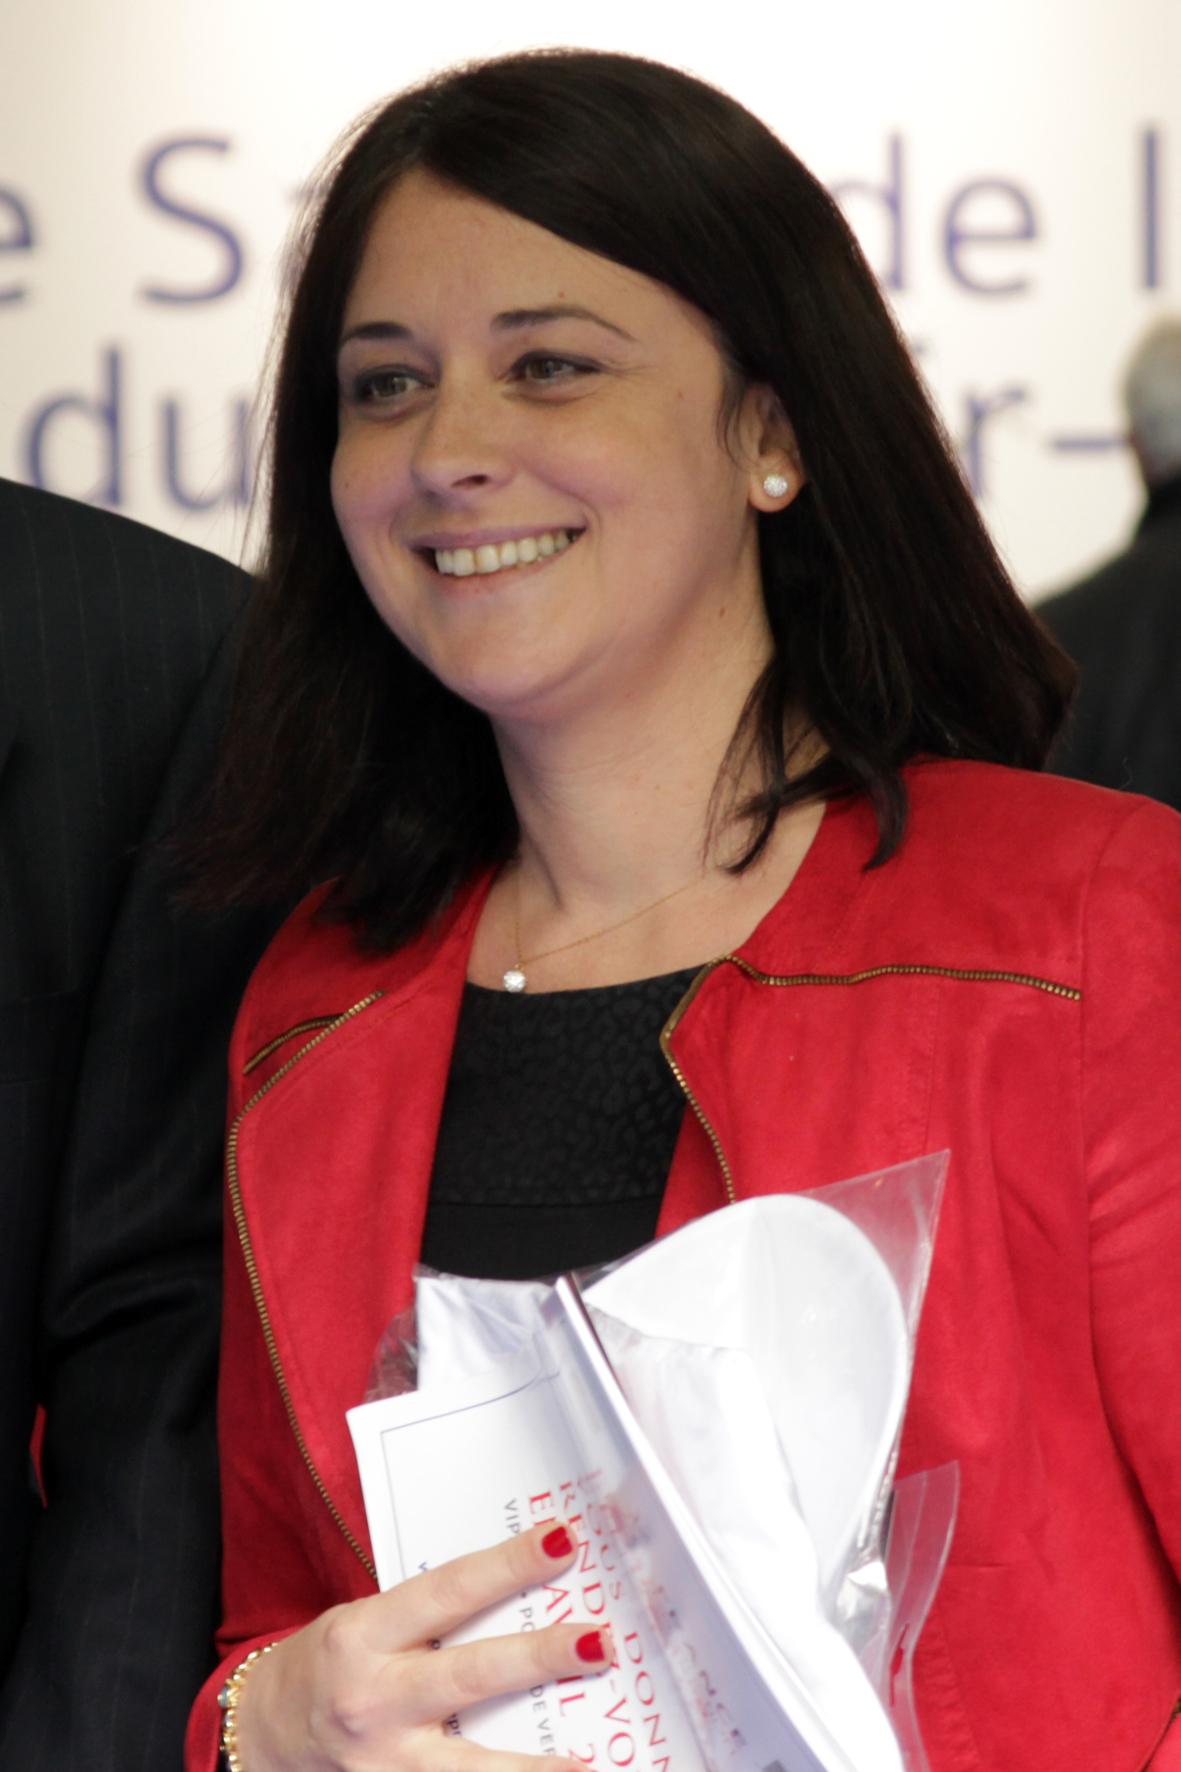 Sylvia Pinel httpsuploadwikimediaorgwikipediacommonsaa